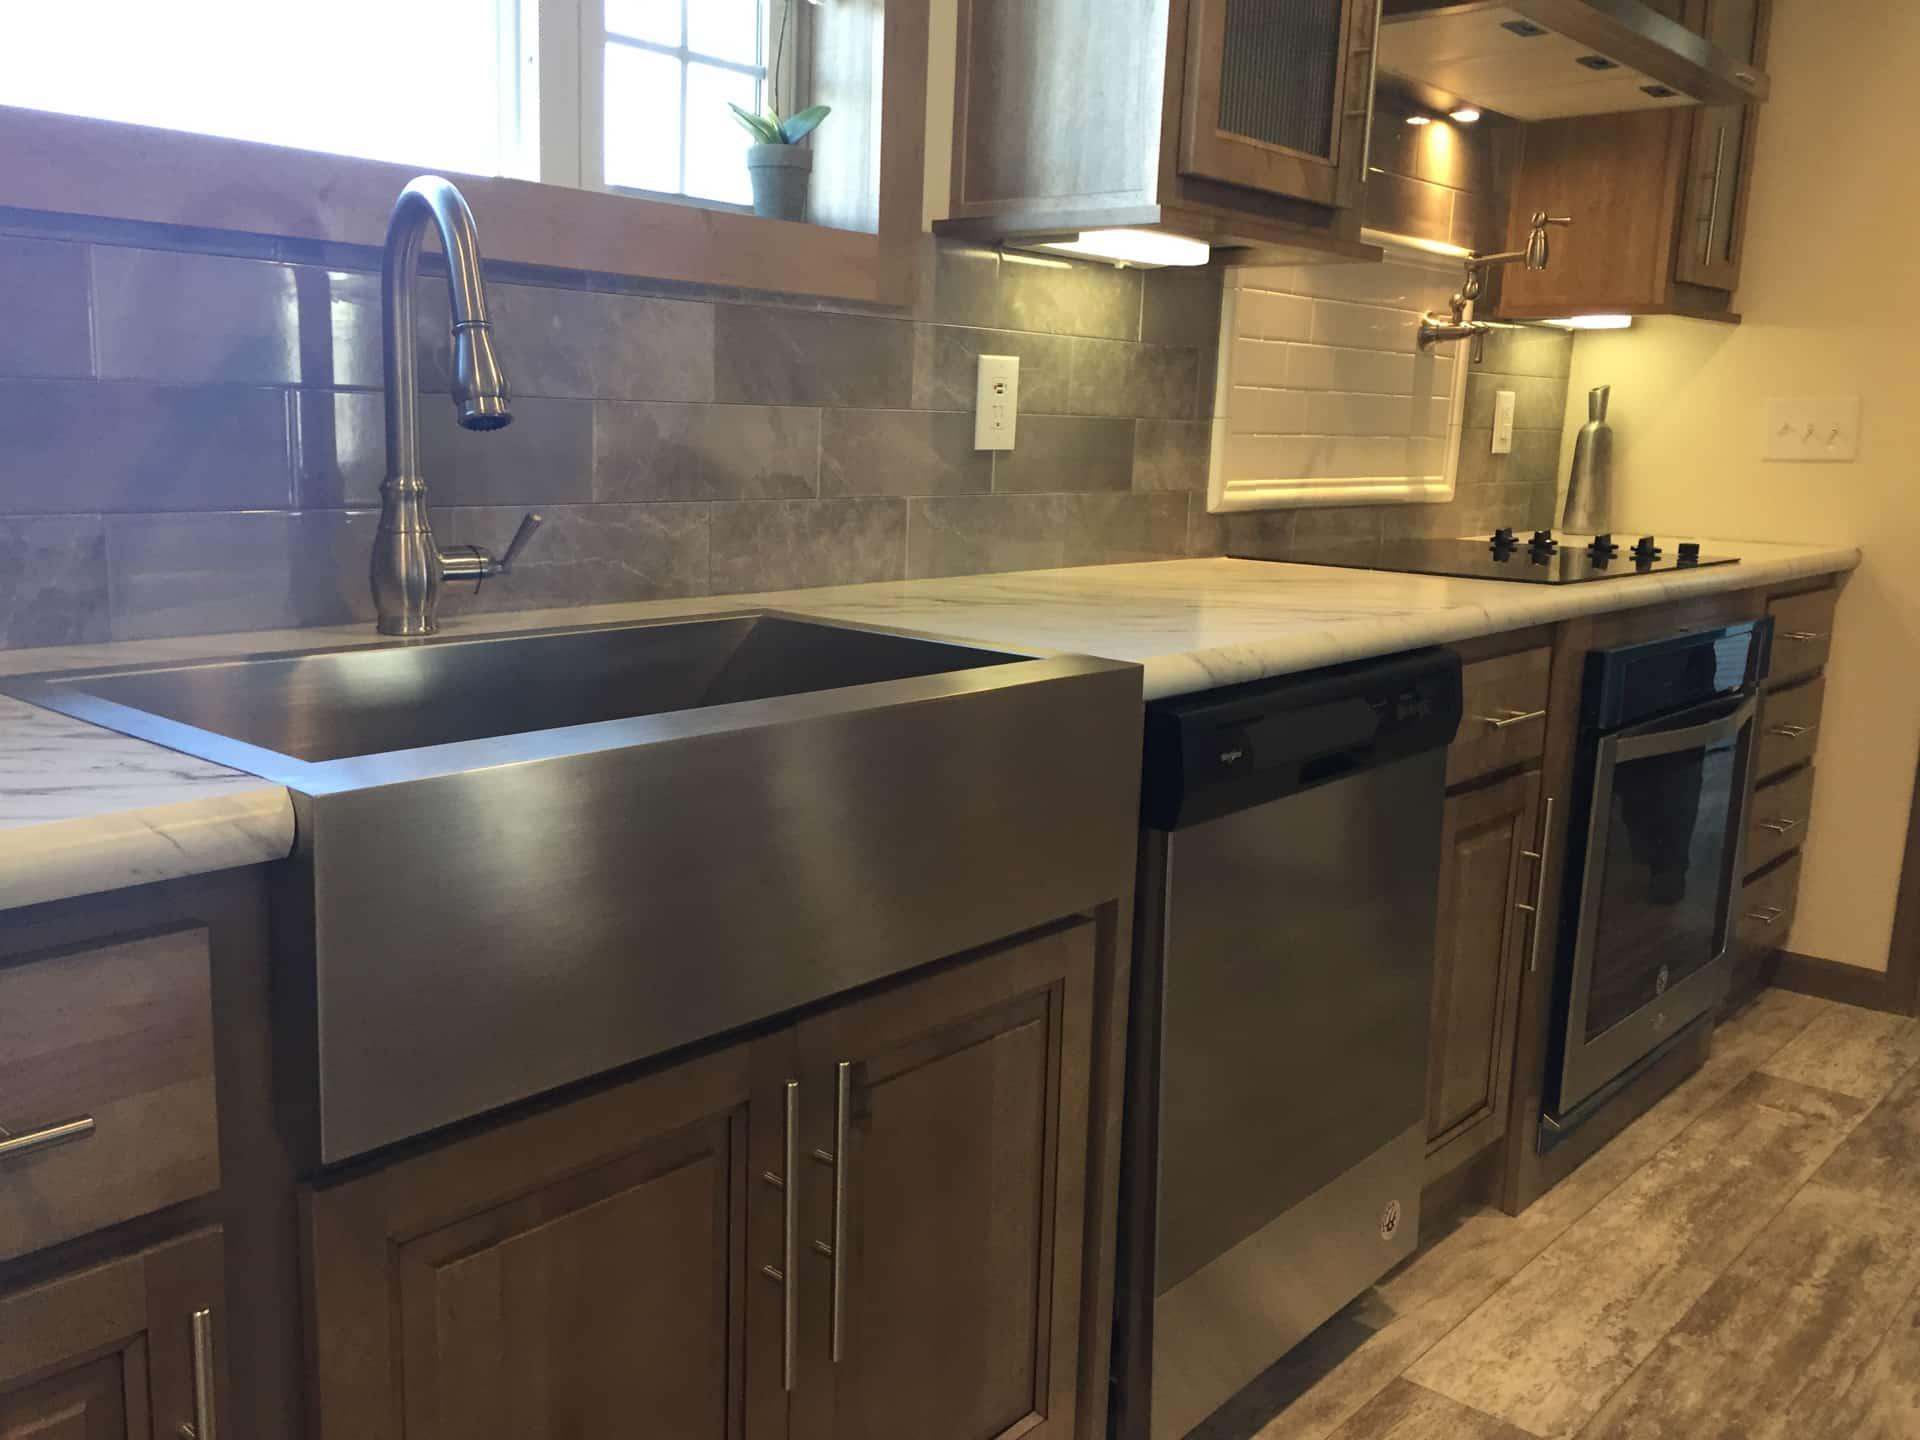 Barton stainless steel kitchen sink